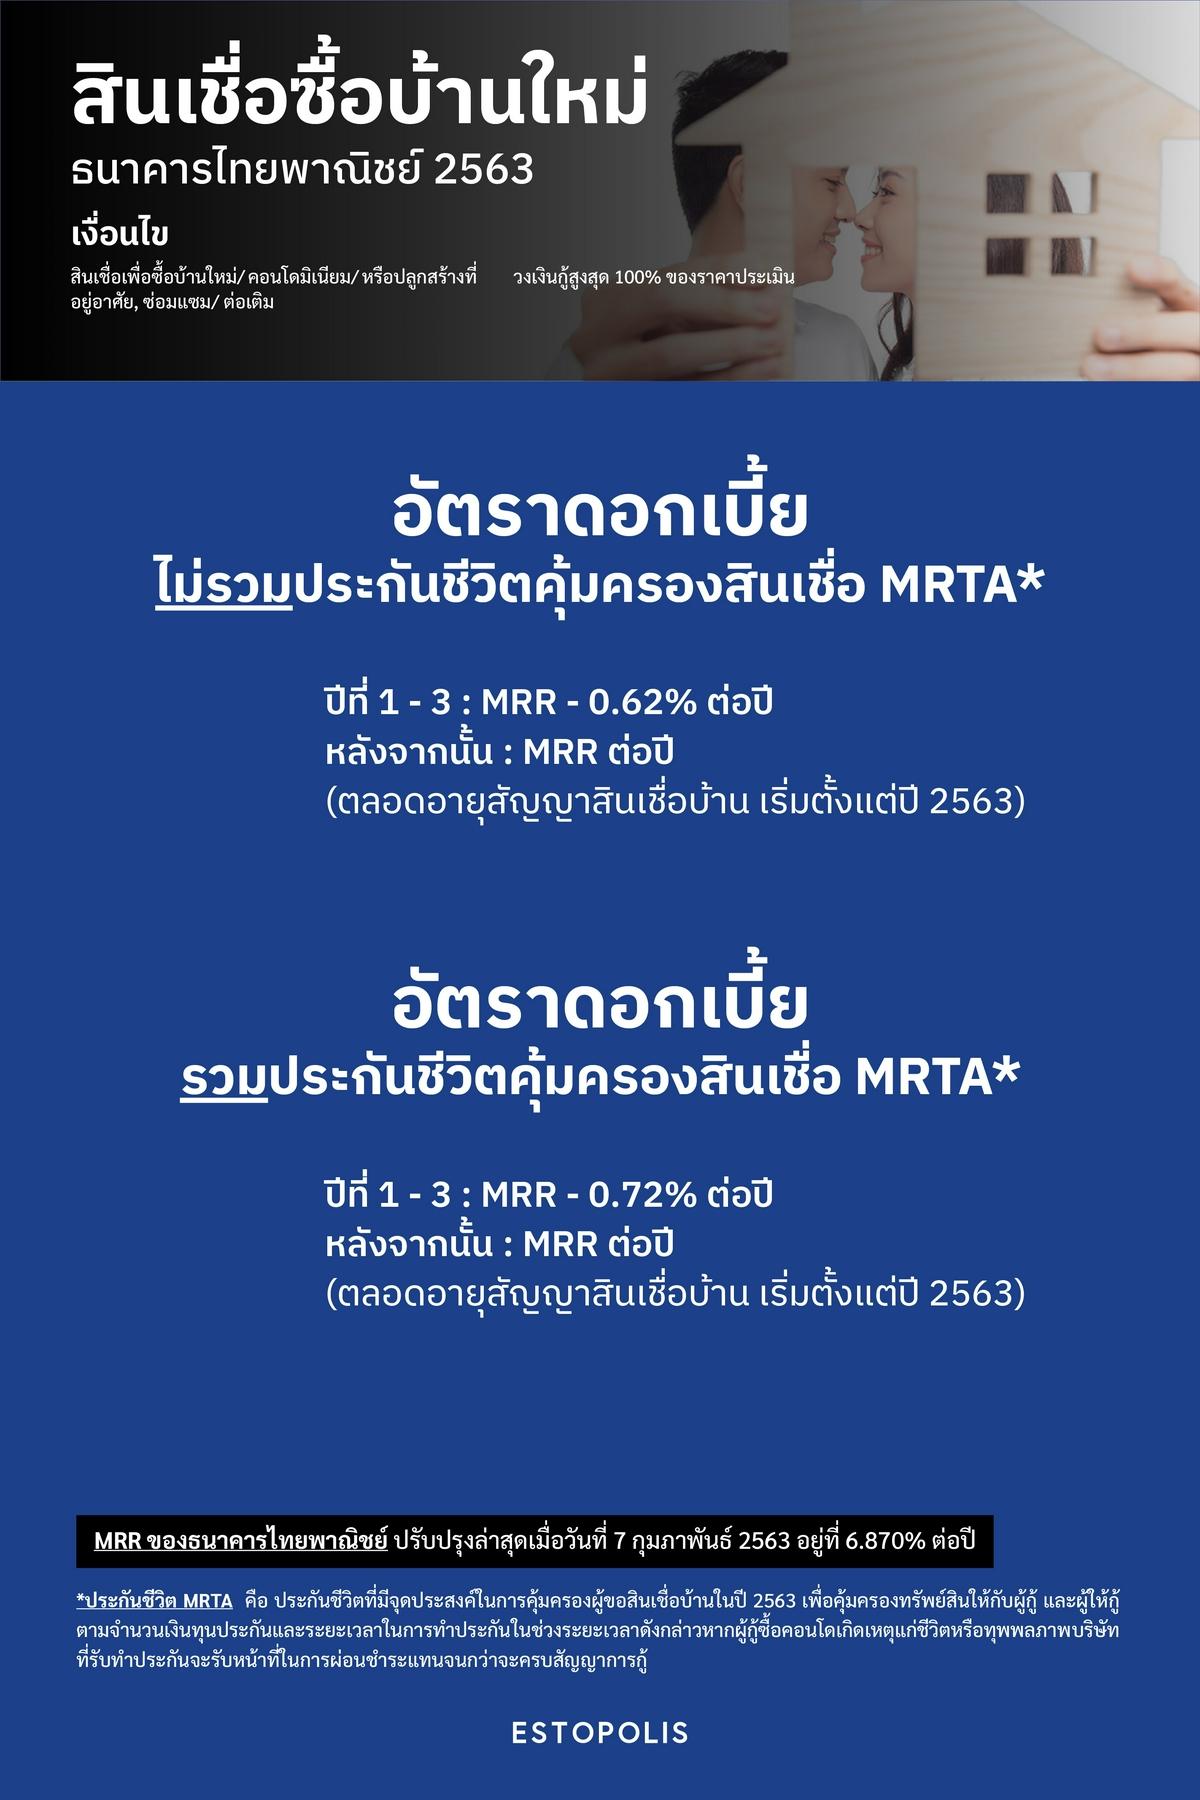 สินเชื่อซื้อบ้านใหม่ จากธนาคารไทยพาณิชย์ 2563